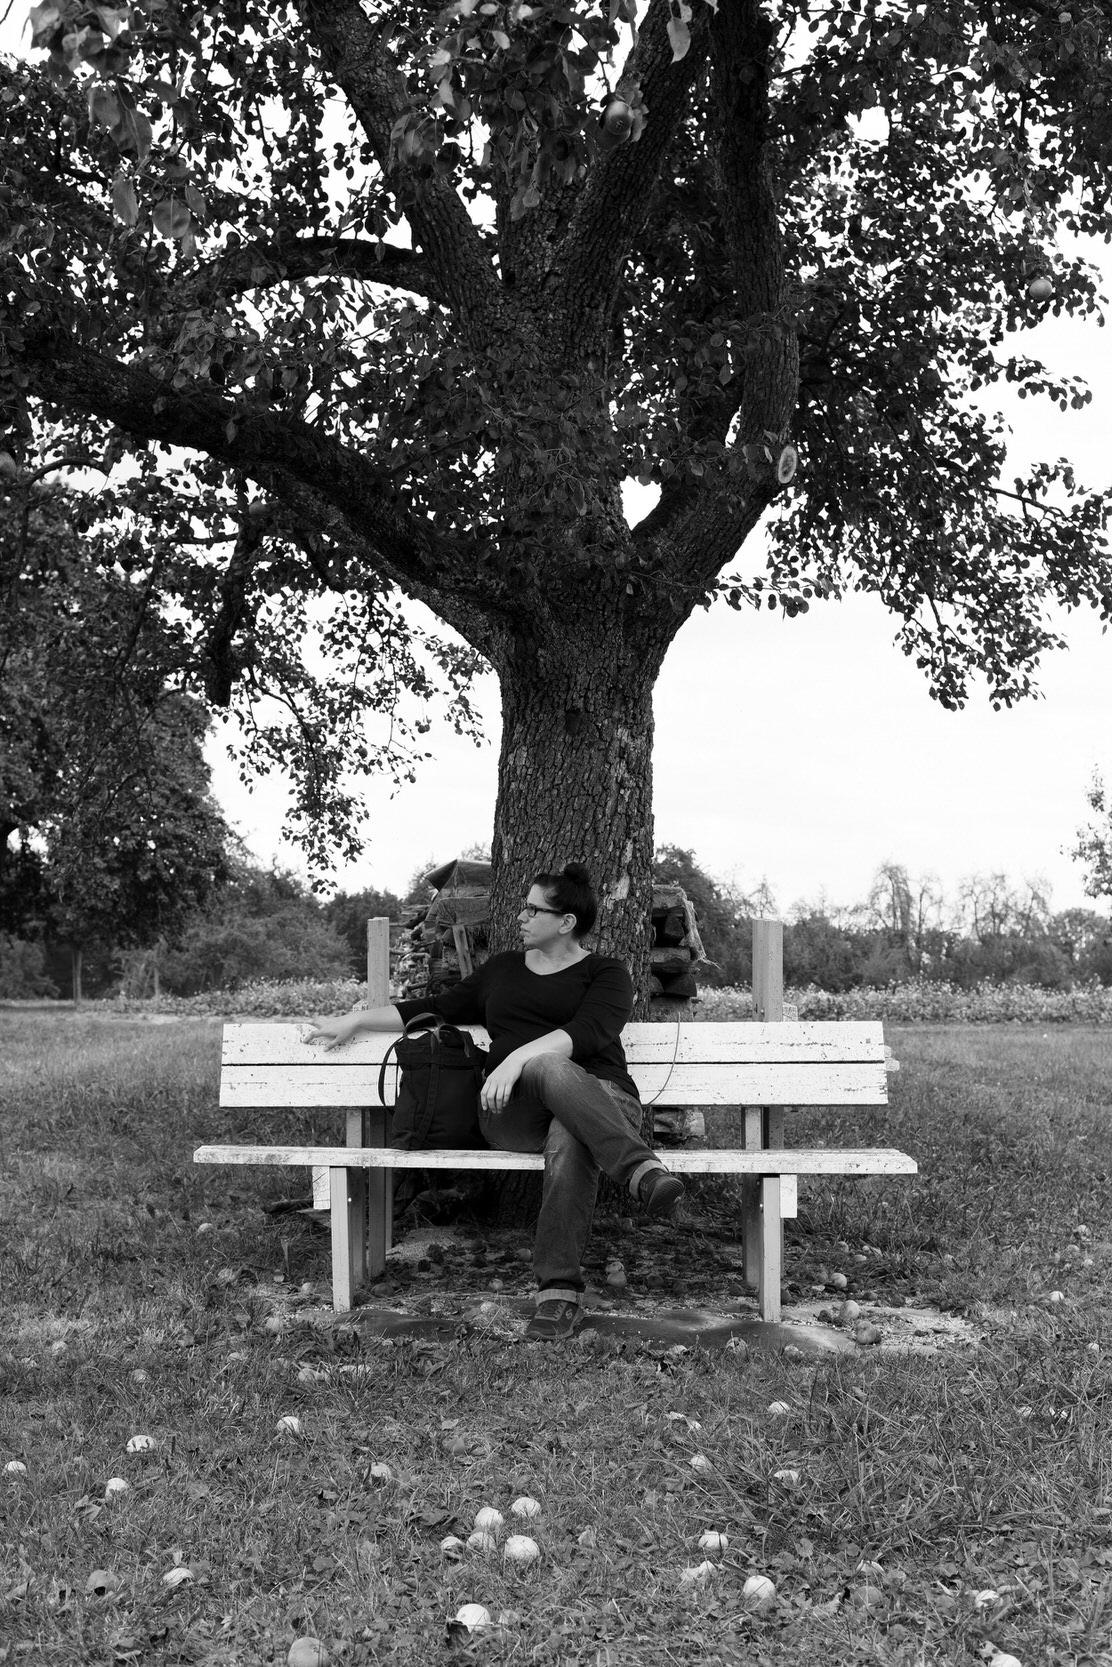 Portrait einer Frau unter einem Obstbaum auf einer Bank sitzend.